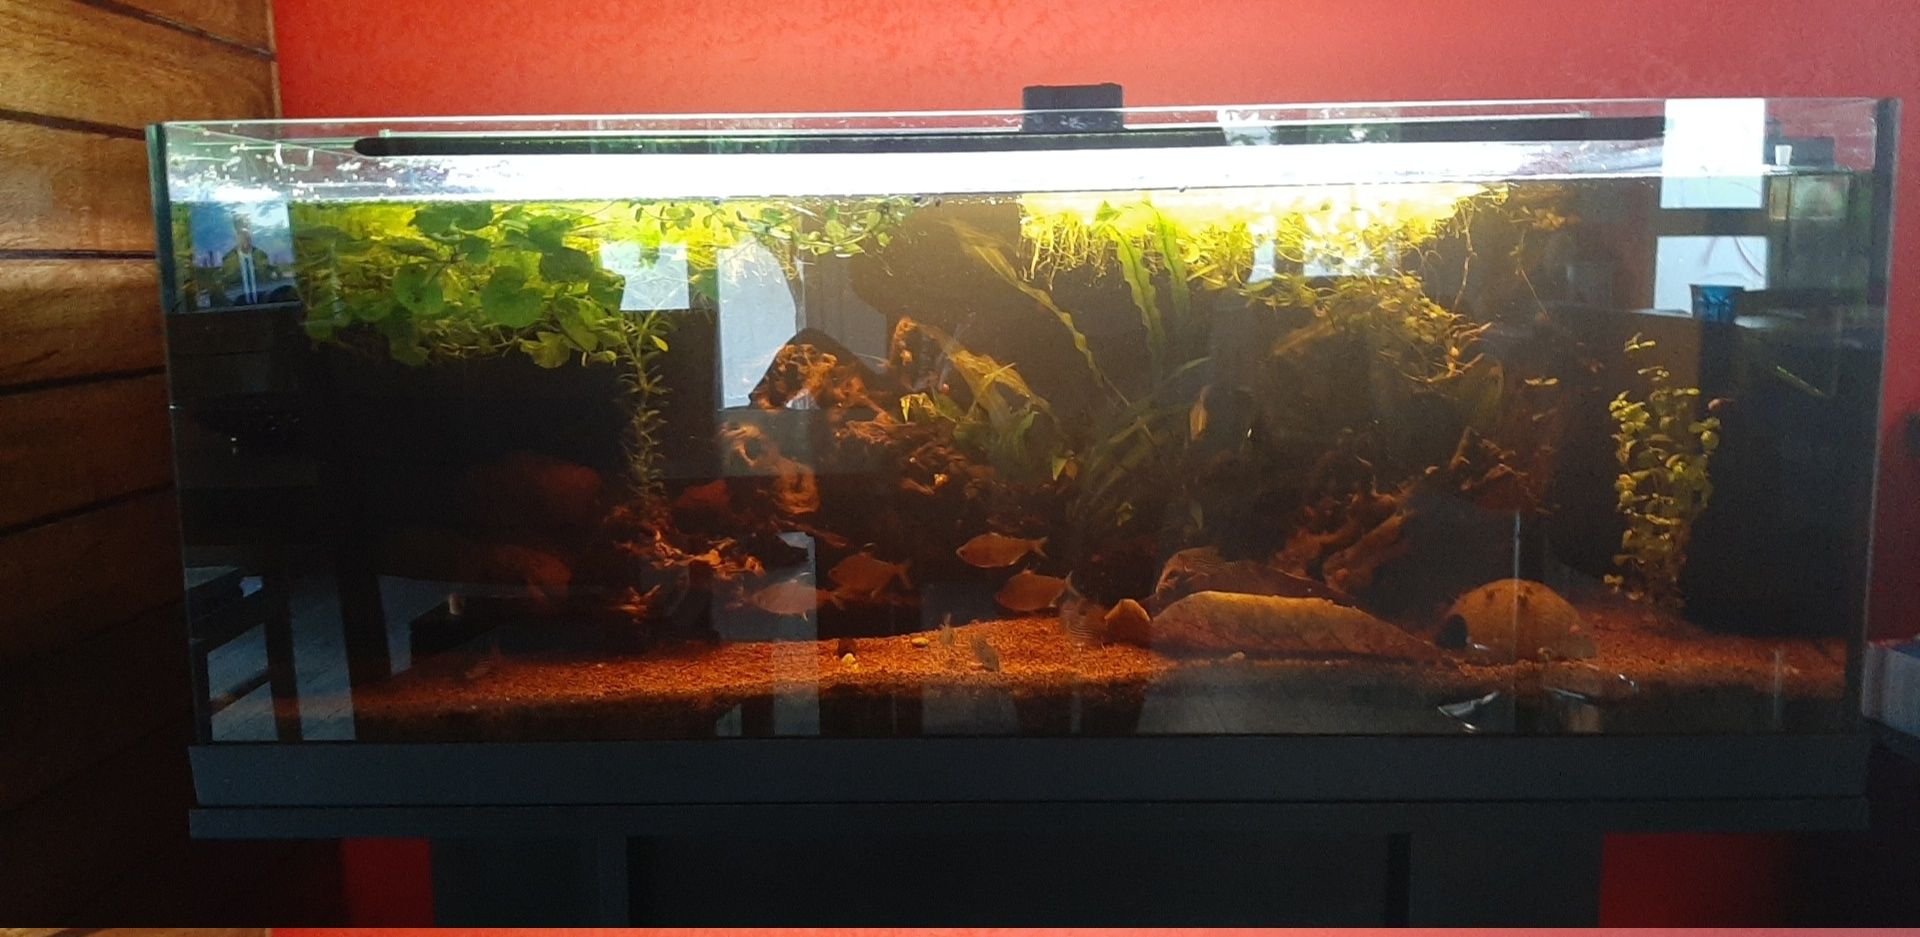 Les aquariums du confinement Snapch50